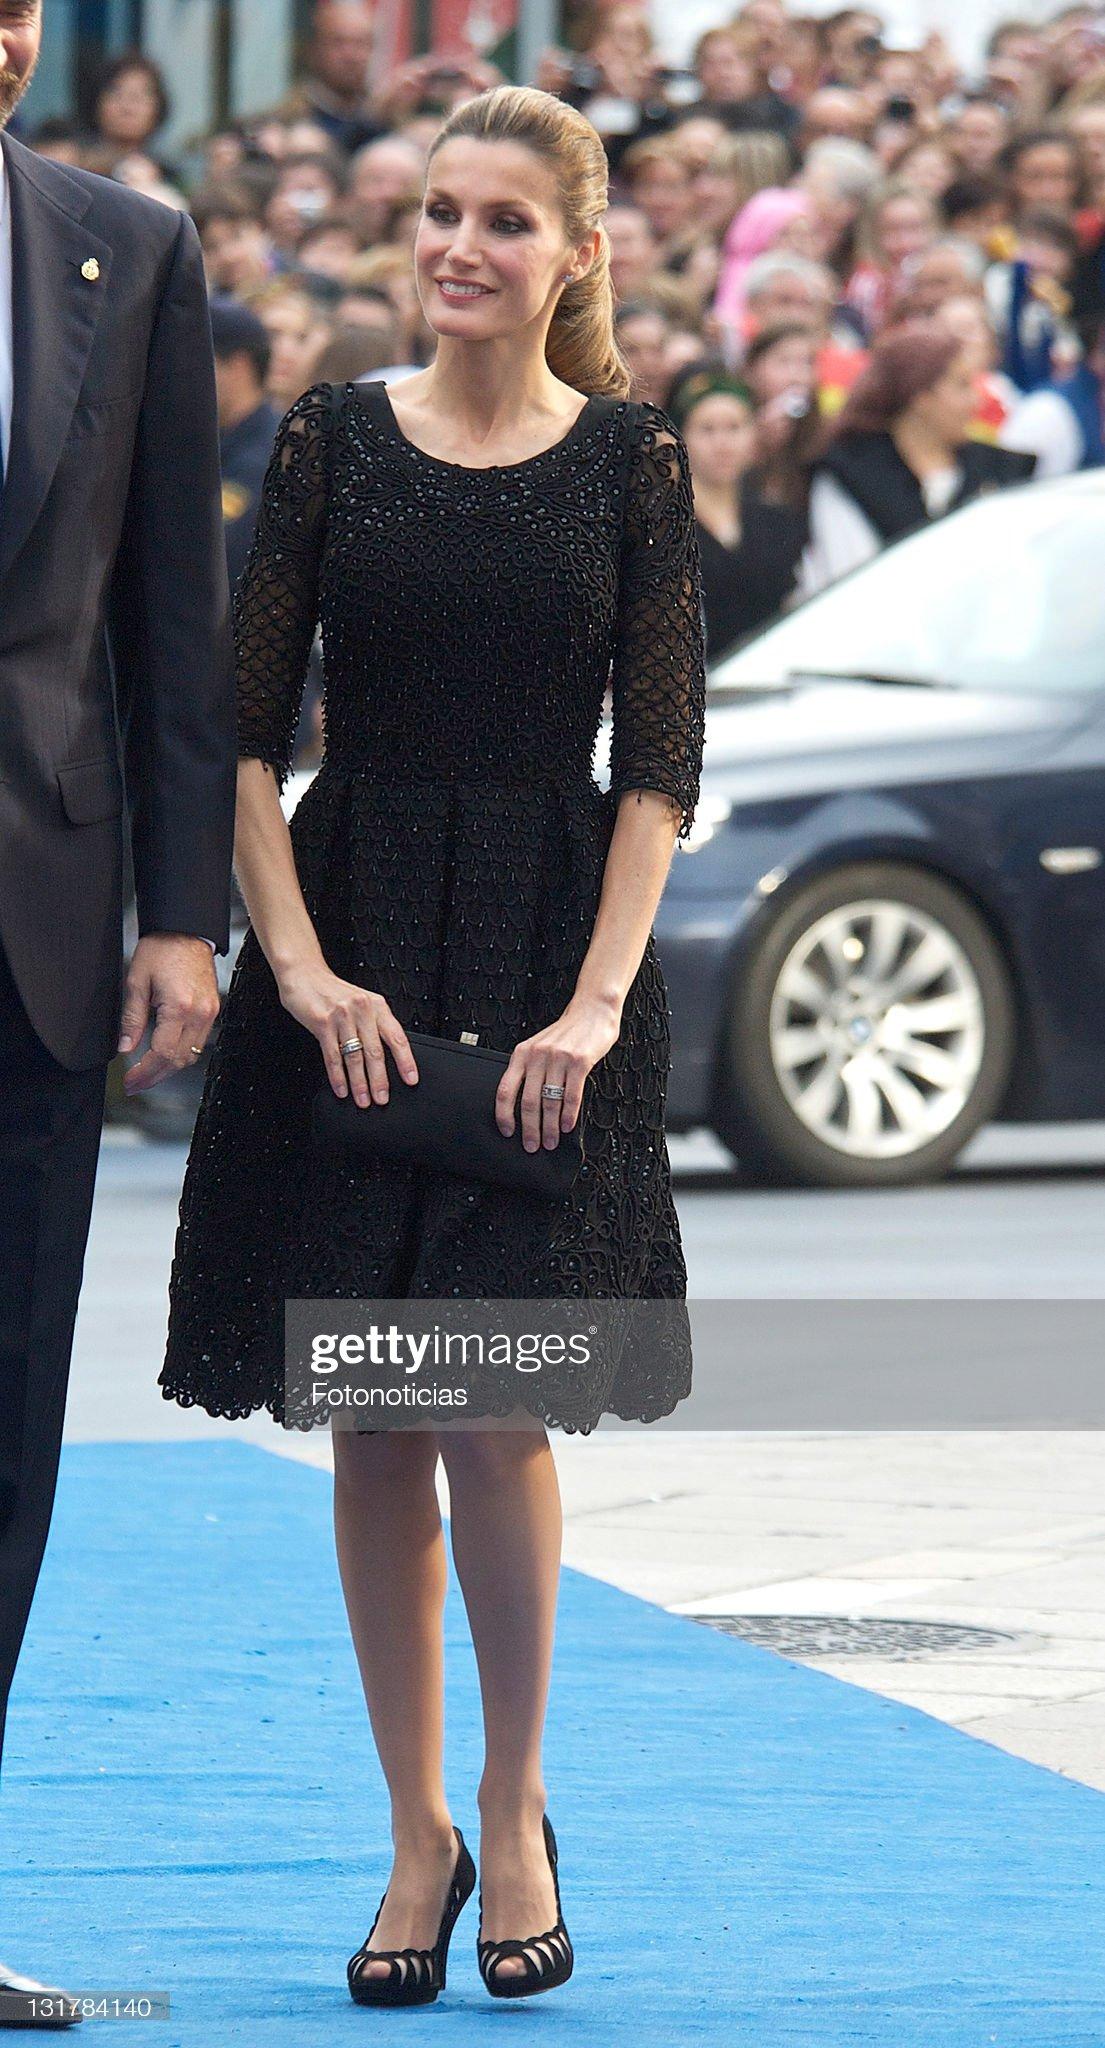 Вечерние наряды Королевы Летиции 'Principes de Asturias' Awards 2010 - Arrivals : News Photo